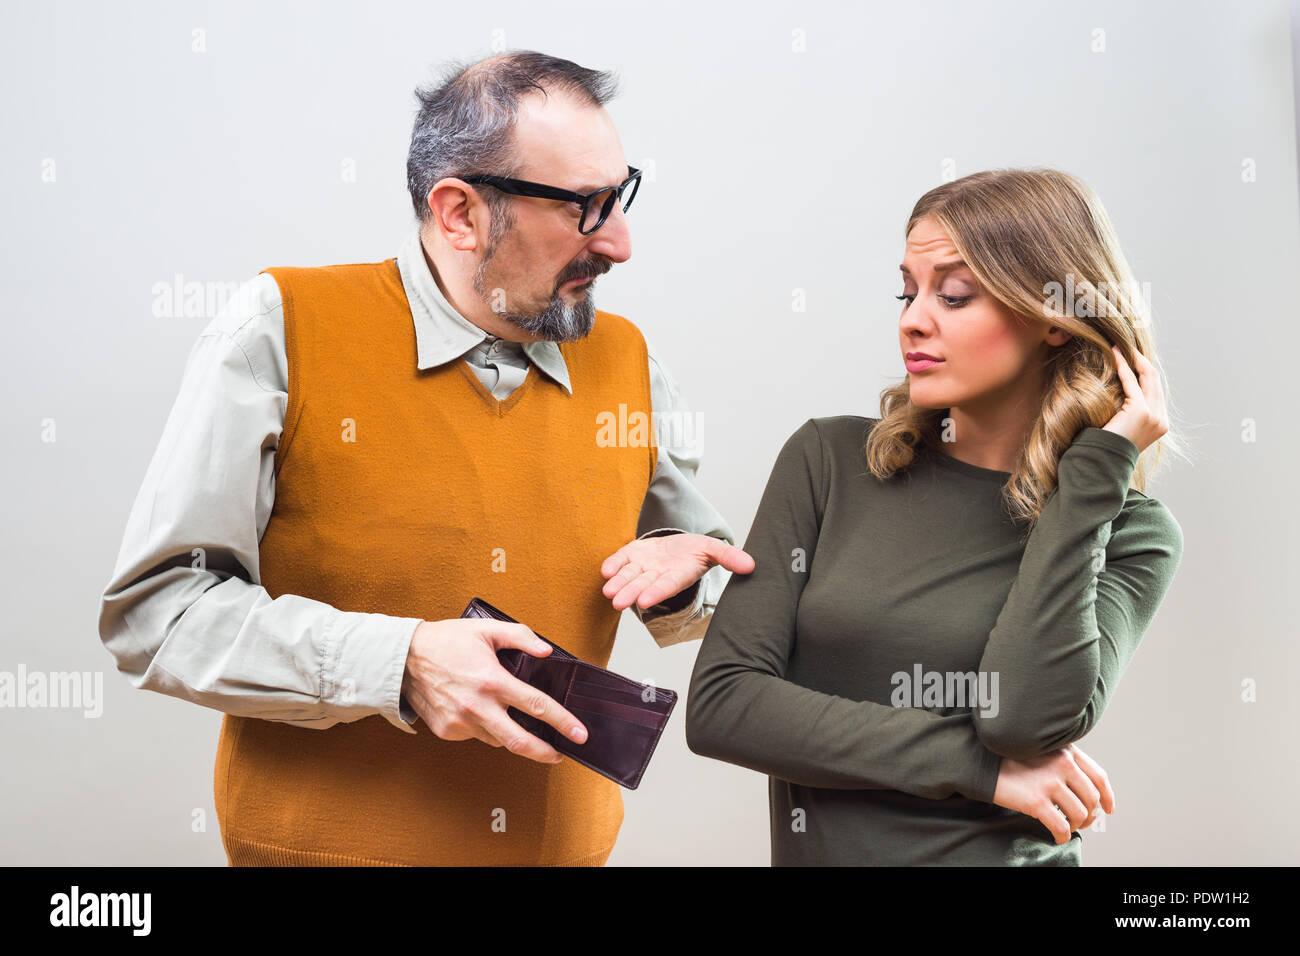 Nerdy Mann ist mit seiner schönen Frau, dass er nicht mehr Geld haben, und sie ist enttäuscht. Stockbild